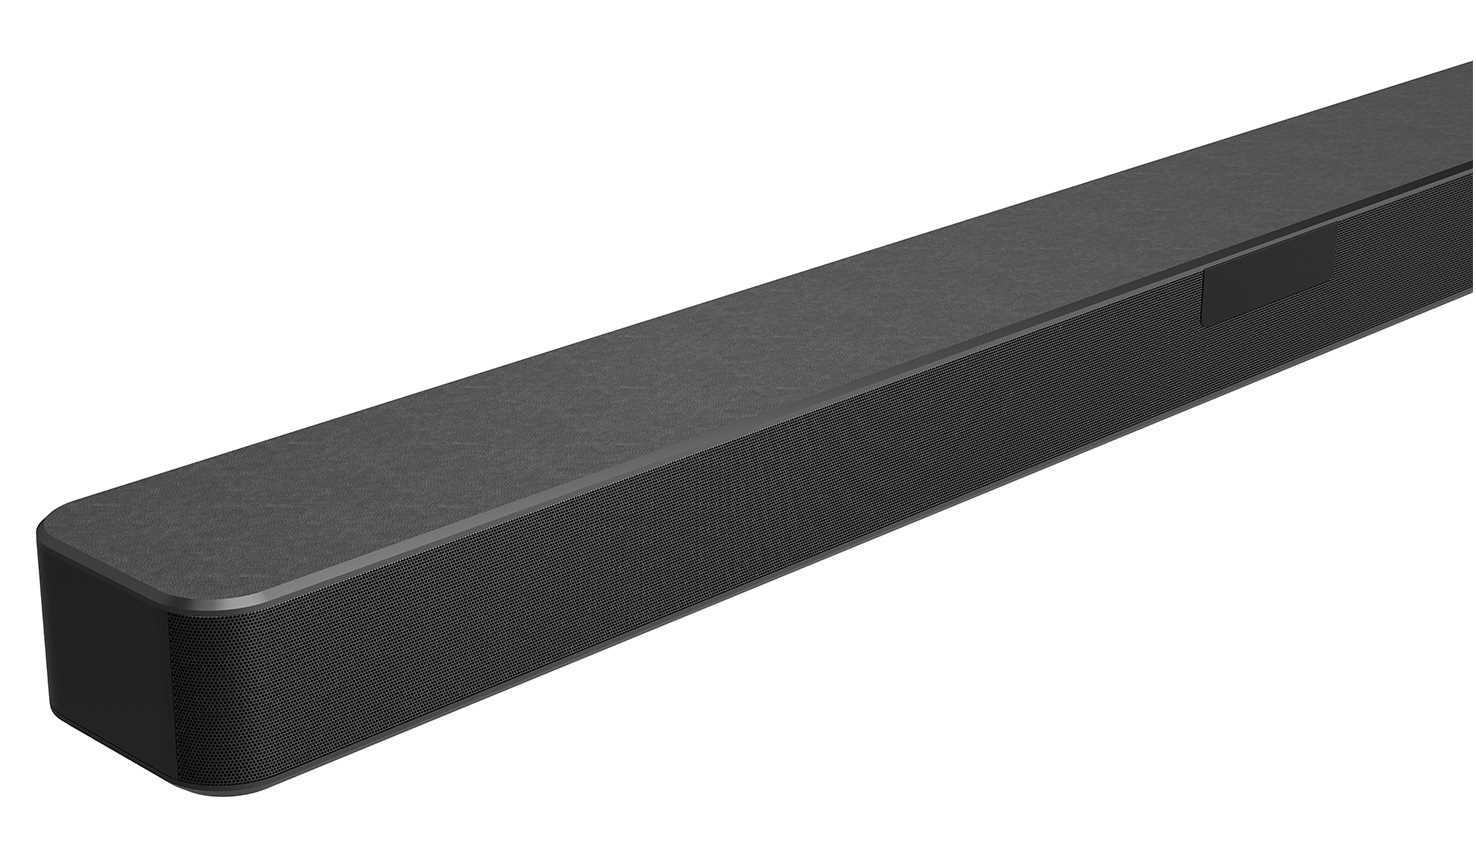 מקרן קול 400 וואט LG SN5Y DTS Virtual X אל ג'י - תמונה 10